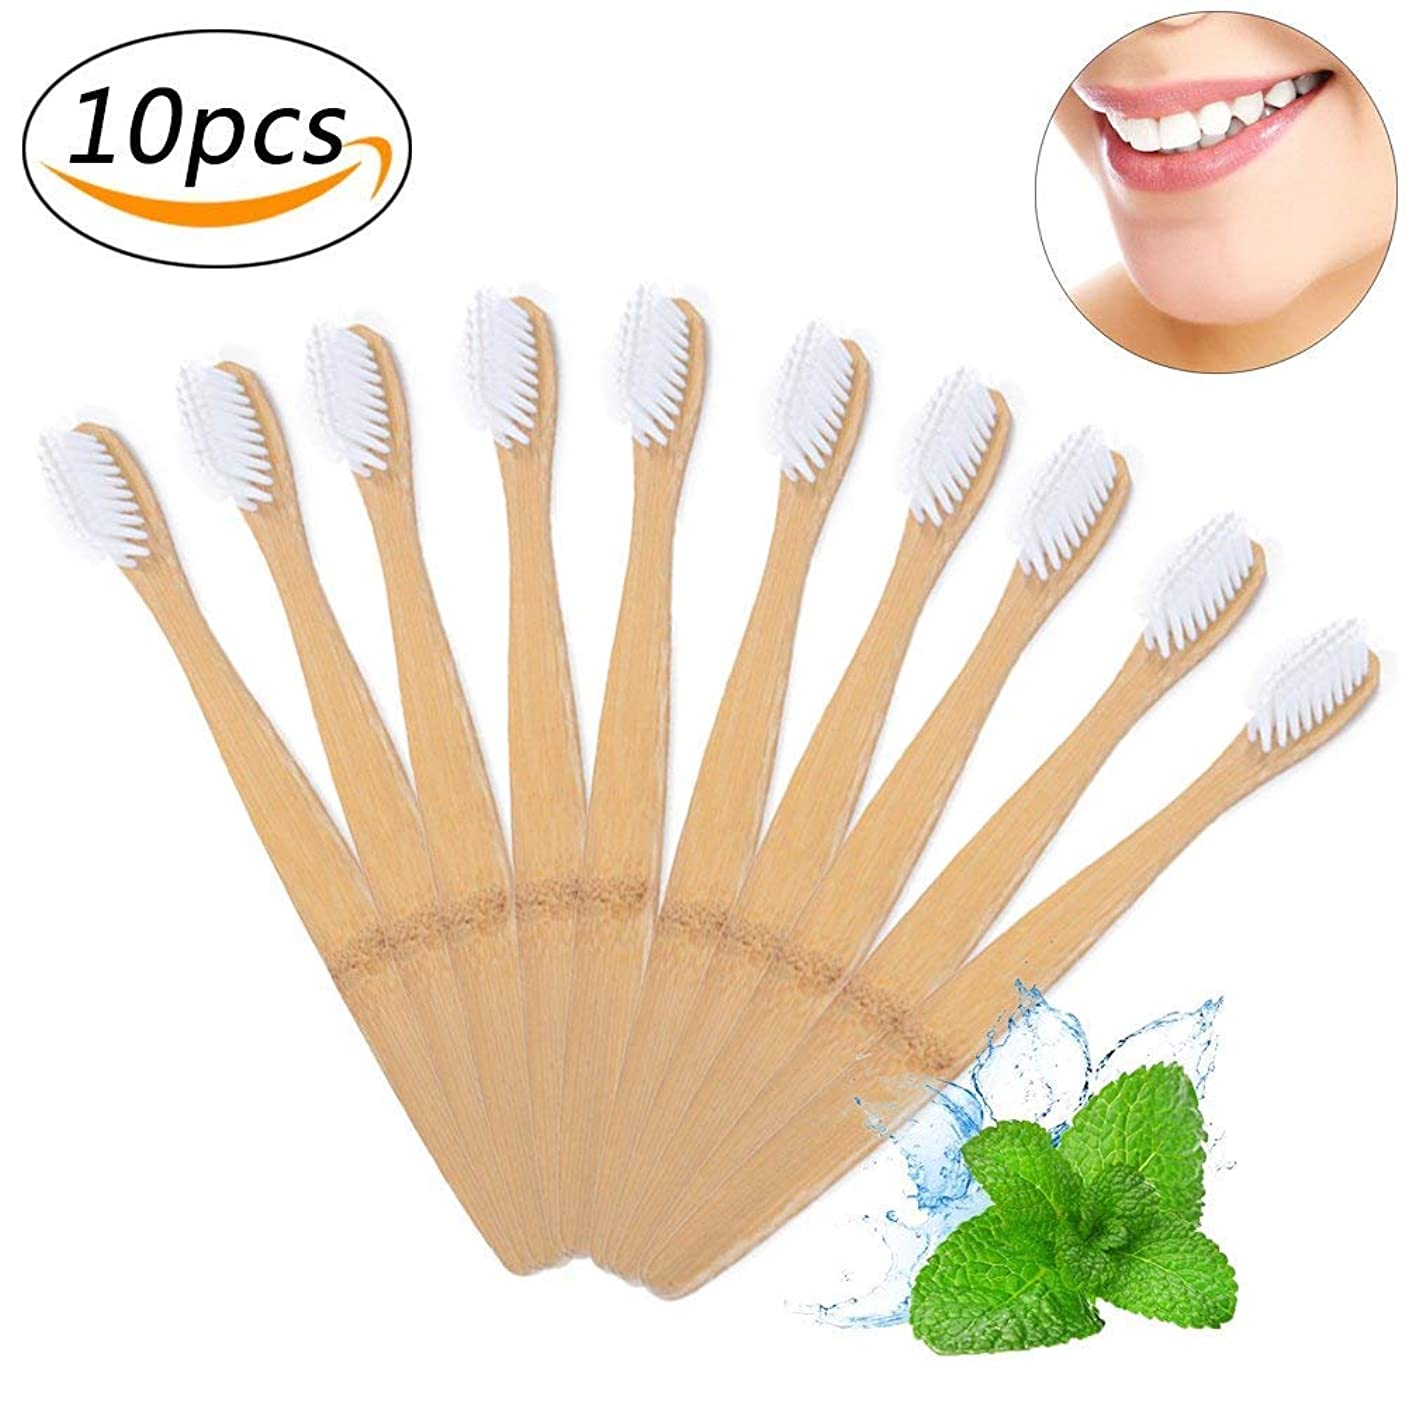 中で誤ってワークショップ竹の歯ブラシ 環境保護の歯ブラシ 柔らかいブラシ 分解性 耐久性 ホワイト 10本入